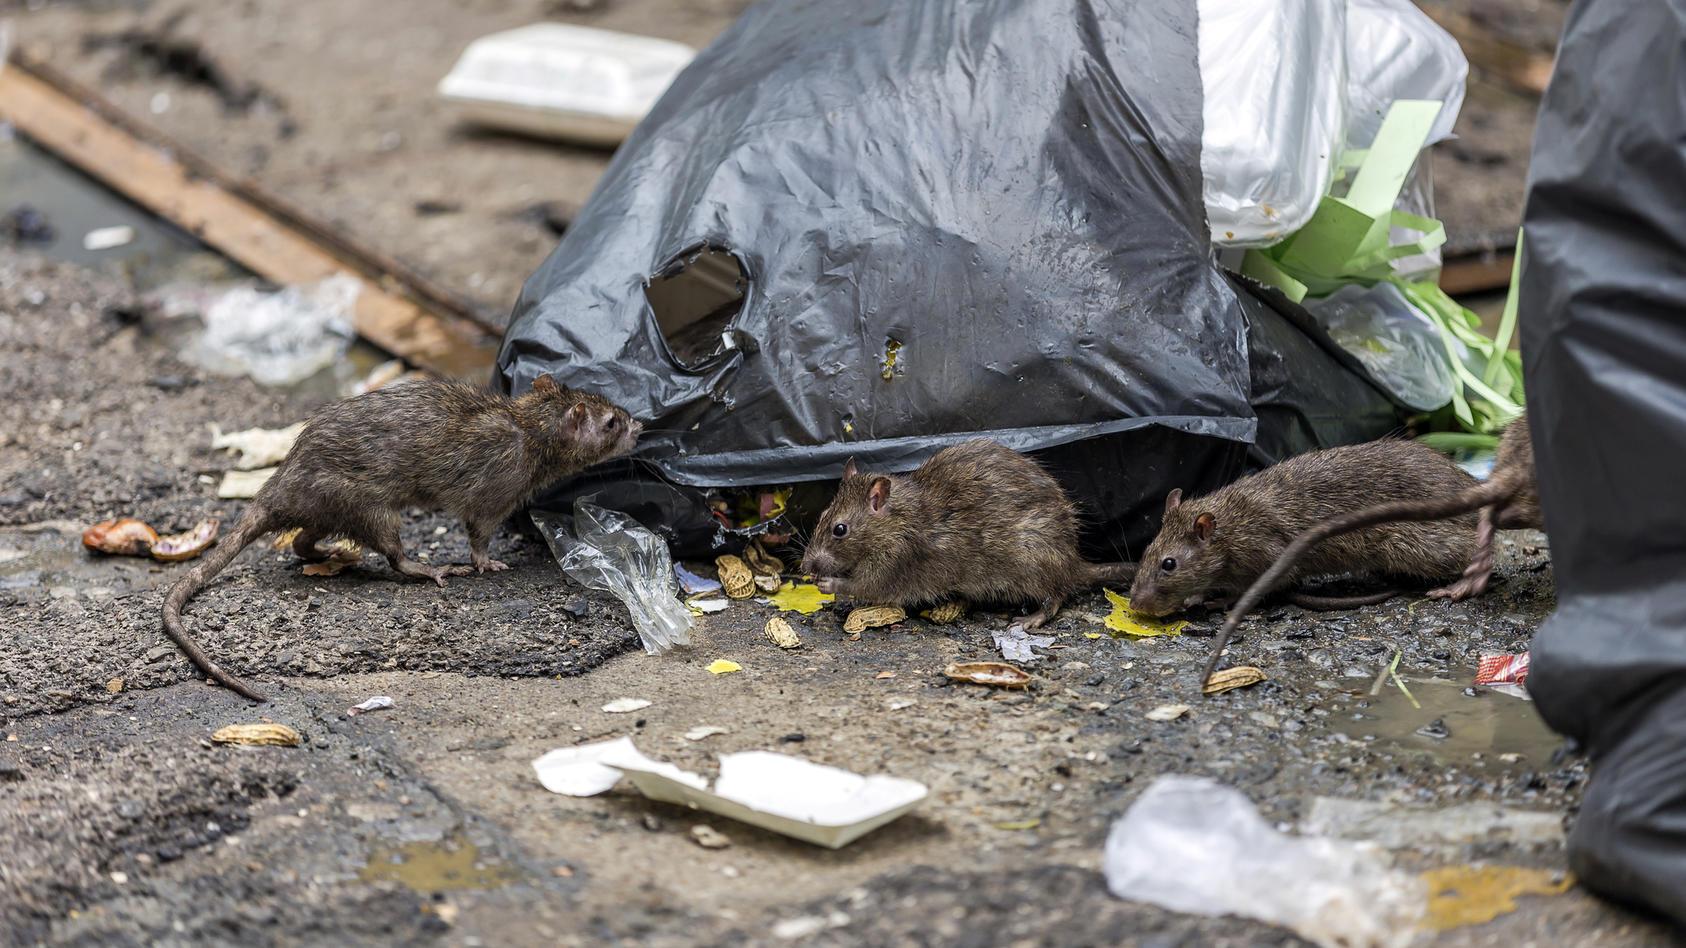 Ratten könnten in den betroffenen Regionen in den nächsten Wochen vermehrt zum Problem werden.